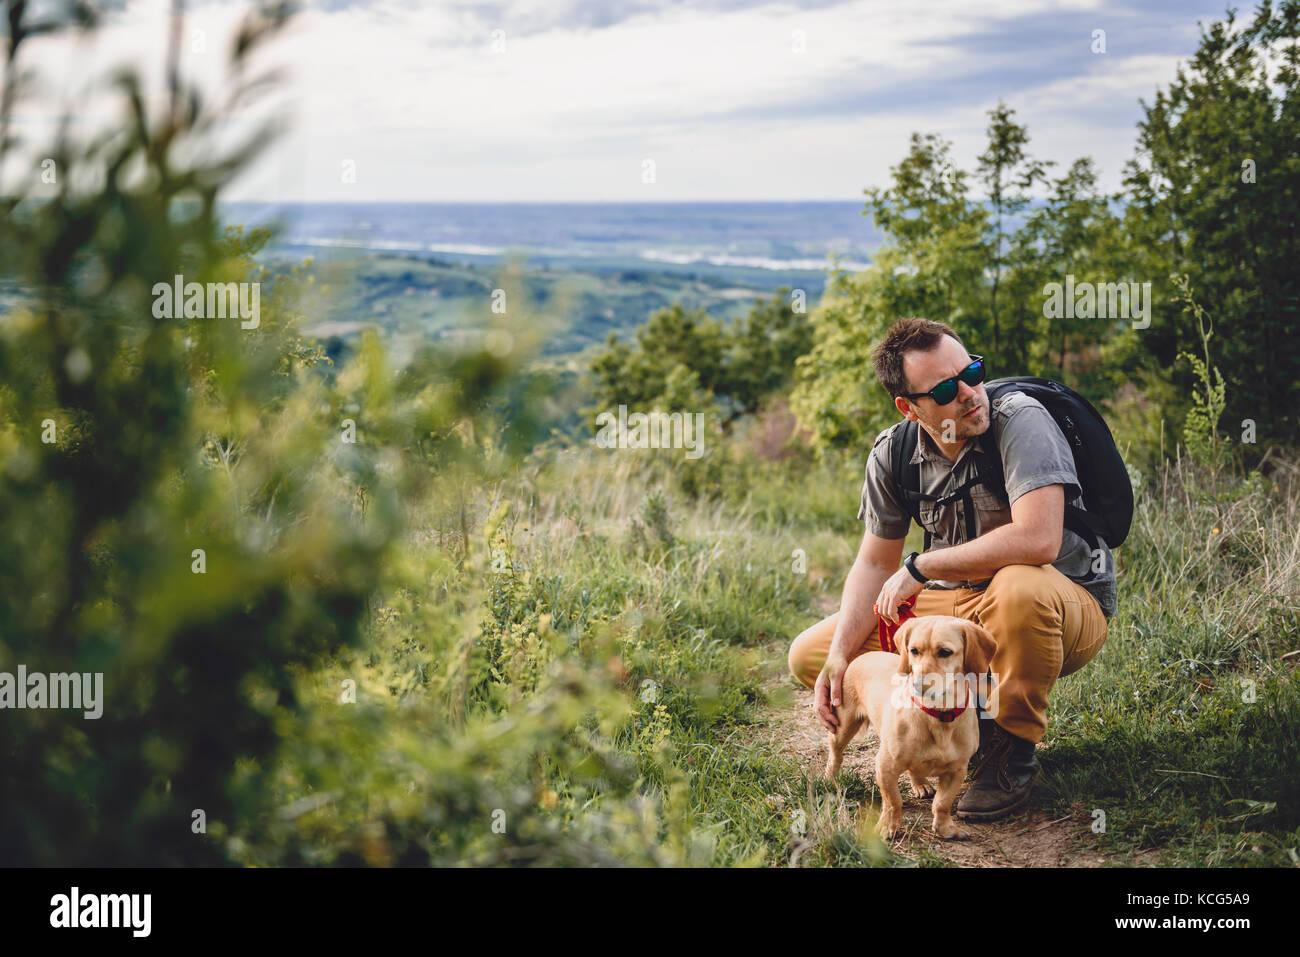 Mann Sonnenbrille tragen mit einem kleinen gelben Hund am Wanderweg ruhen Stockbild